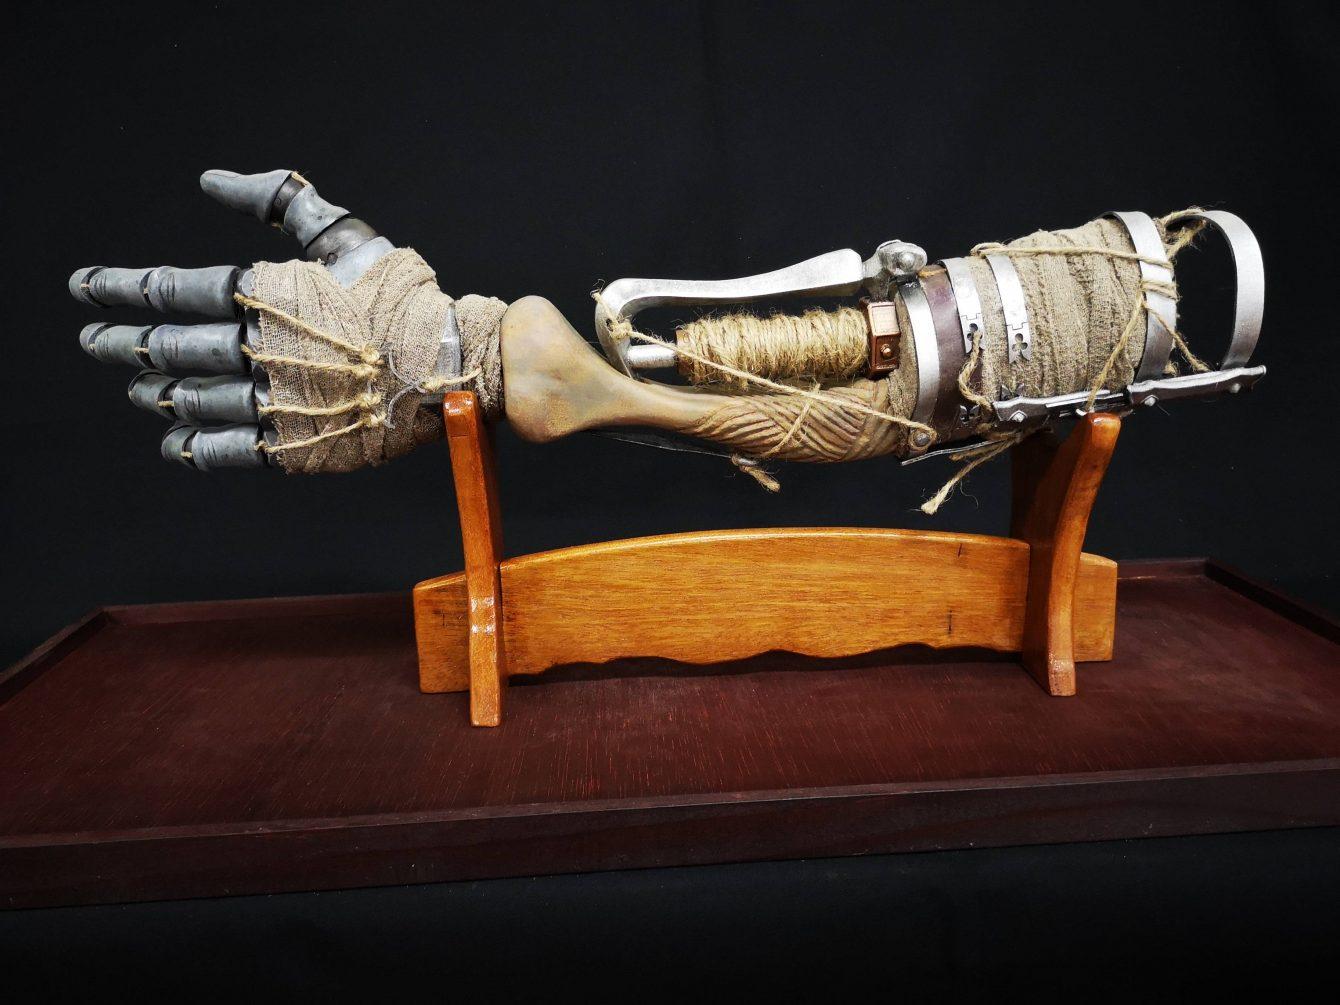 این دست مصنوعی که توسط طرفداران Sekiro: Shadows Die Twice  ساخته شده فوقالعاده به نظر میرسد